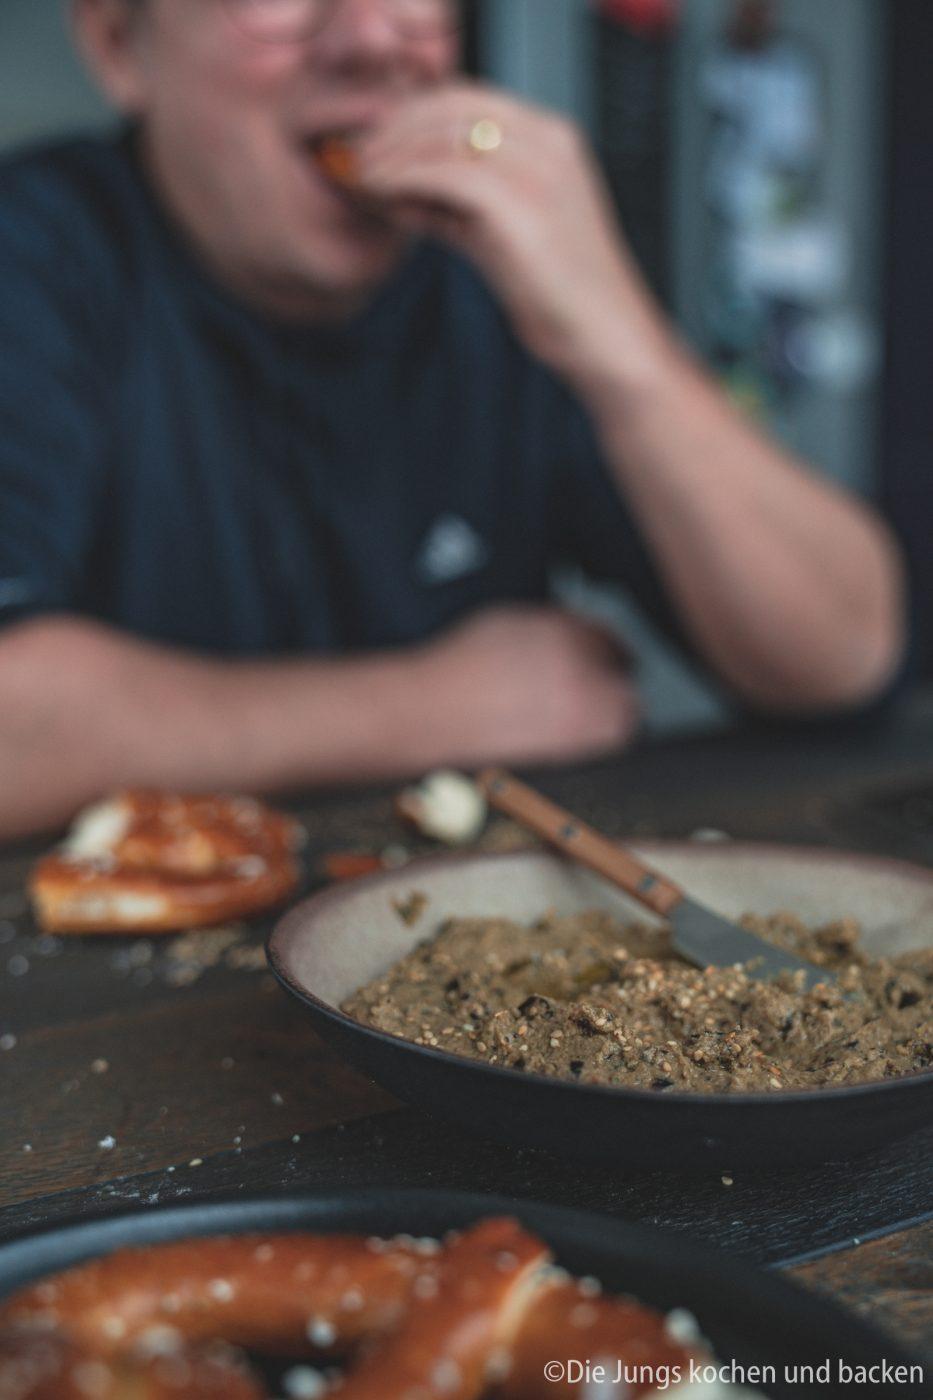 Veganer Aufstrich 7 | Wir sind absolute Fans von tollem selbstgebackenem Brot und dazu gehören eben auch Aufstriche. Davon findet man auf dem Blog schon so einige und es werden mit Sicherheit noch mehr. Da wir auch immer wieder darauf achten den Fleischkonsum gering und bei hoher Qualität zu halten, sind Aufstriche immer eine wunderbarer vegetarischer Aufstrich aufs Brot. Und heute kommt bei uns sogar veganer Aufstrich mit Aubergine auf den Tisch.